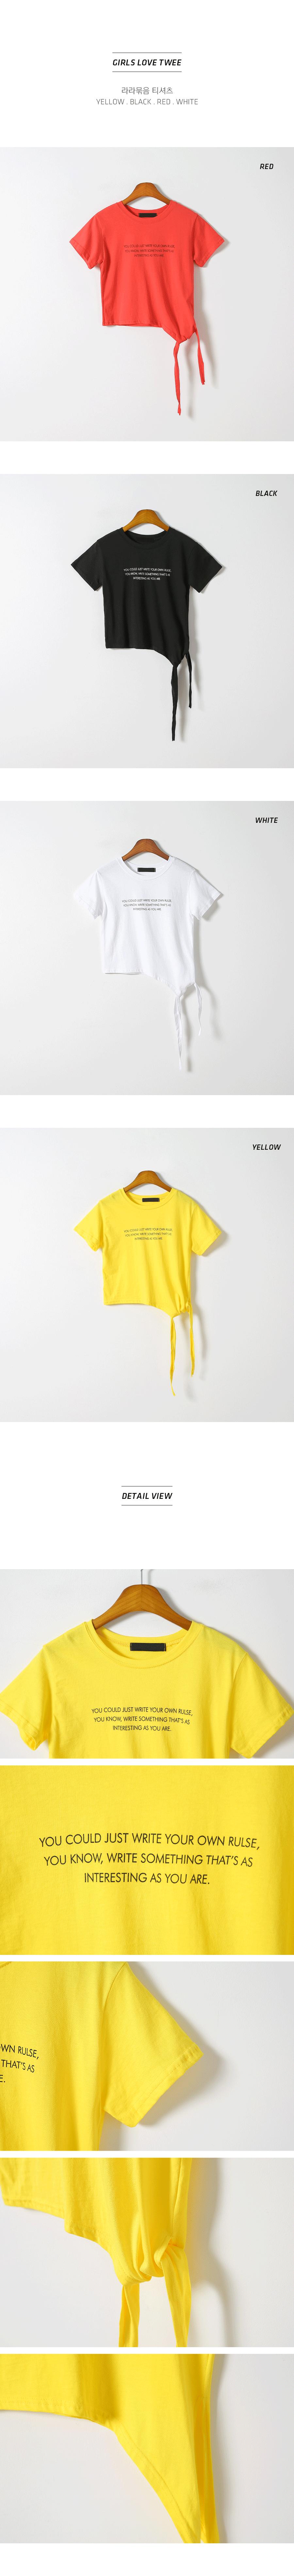 Lara bundled T-shirt